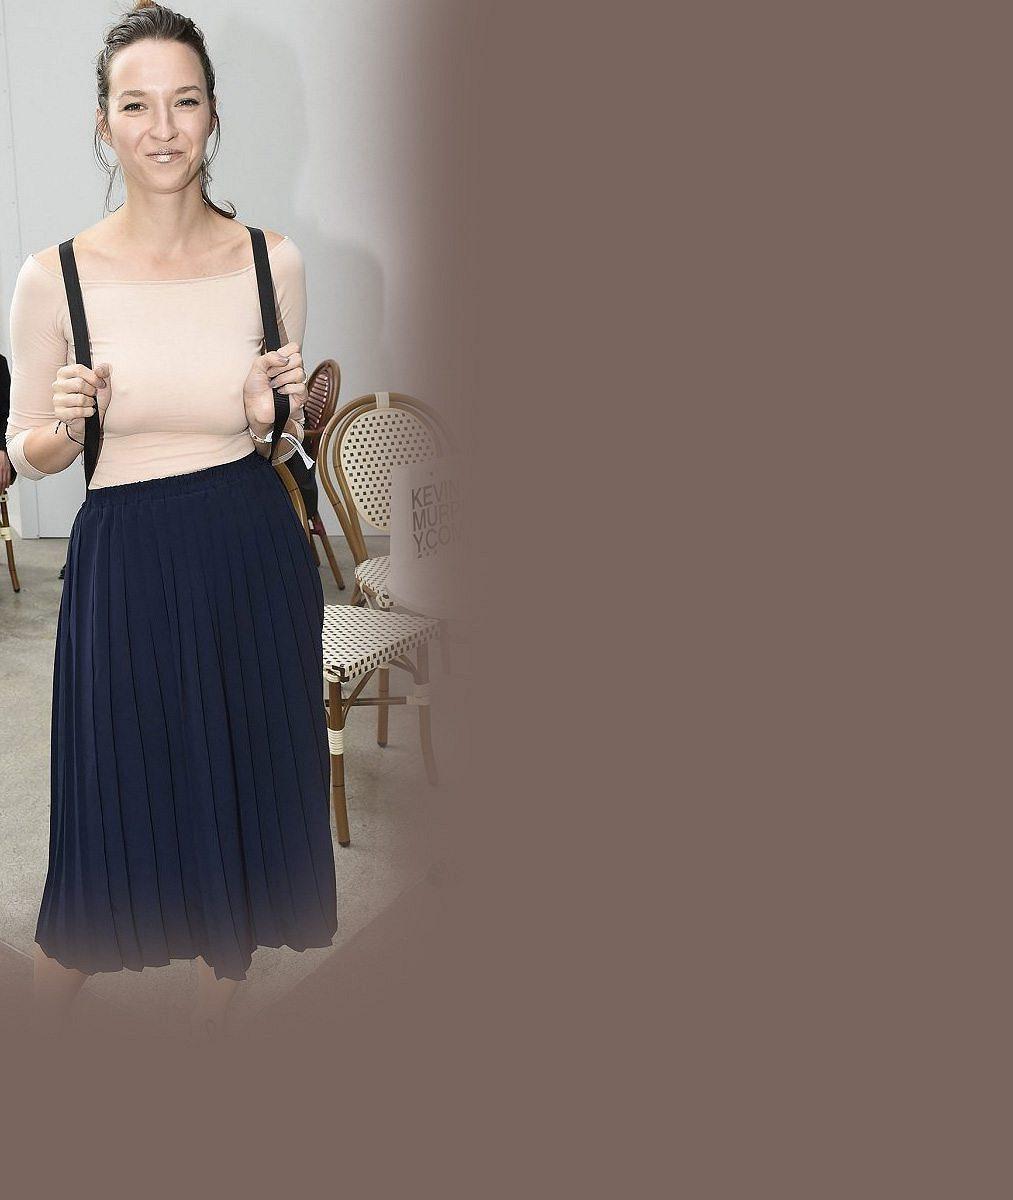 Herečka Berenika Kohoutová ve spodním prádle: Chlubí se svými ženskými křivkami